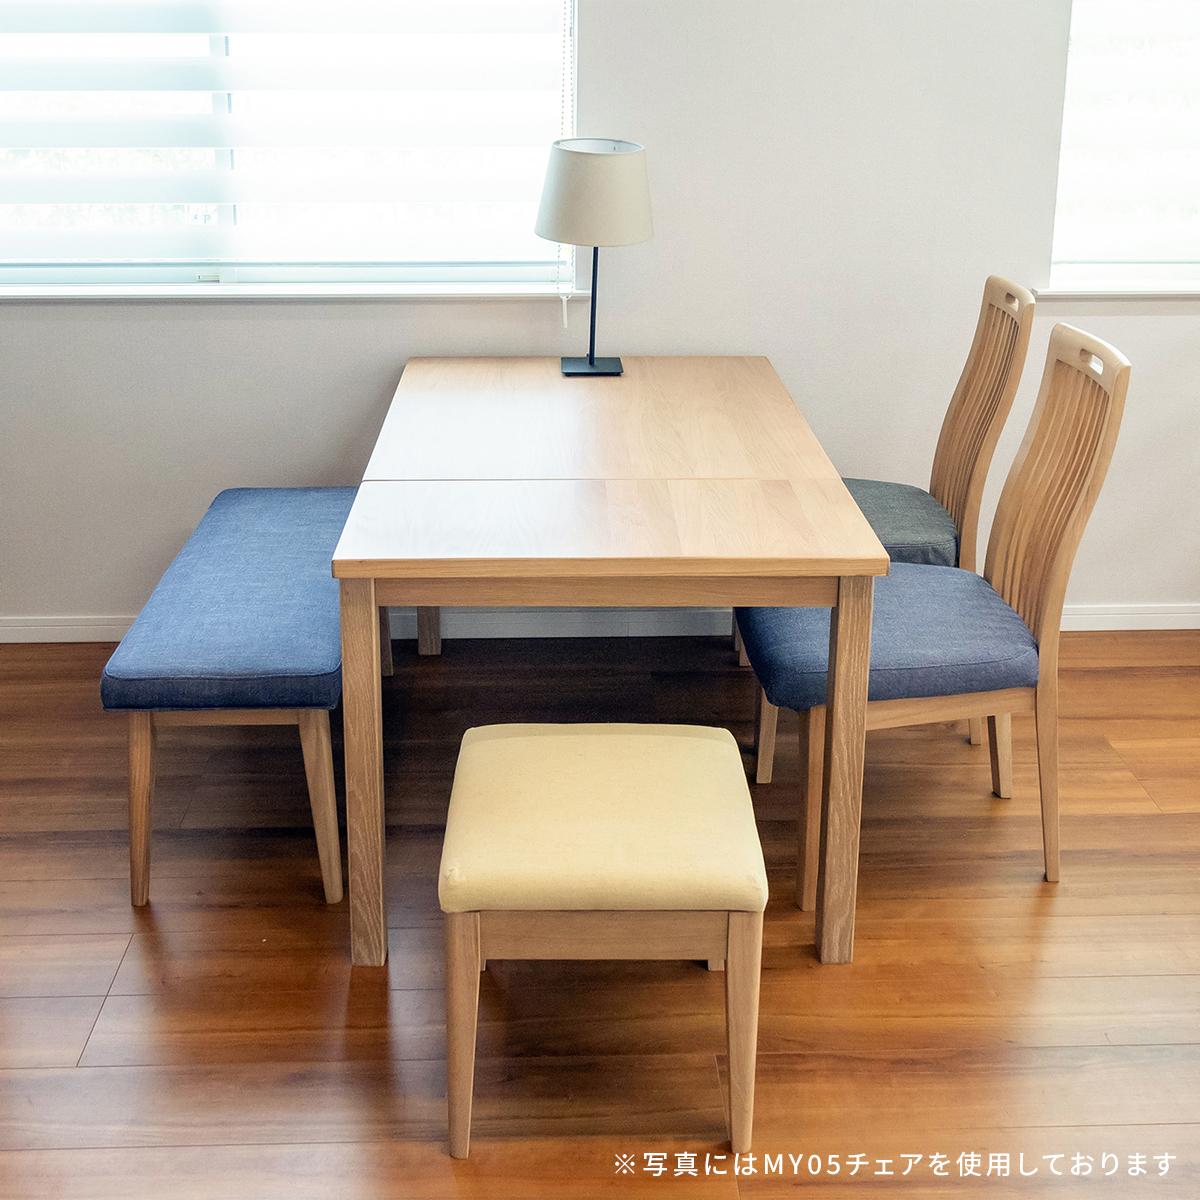 [幅85/高さ70] ダイニング 3点セット 2人掛け 伸長式テーブル  MY 0118 (バタフライテーブル, チェア 2脚)